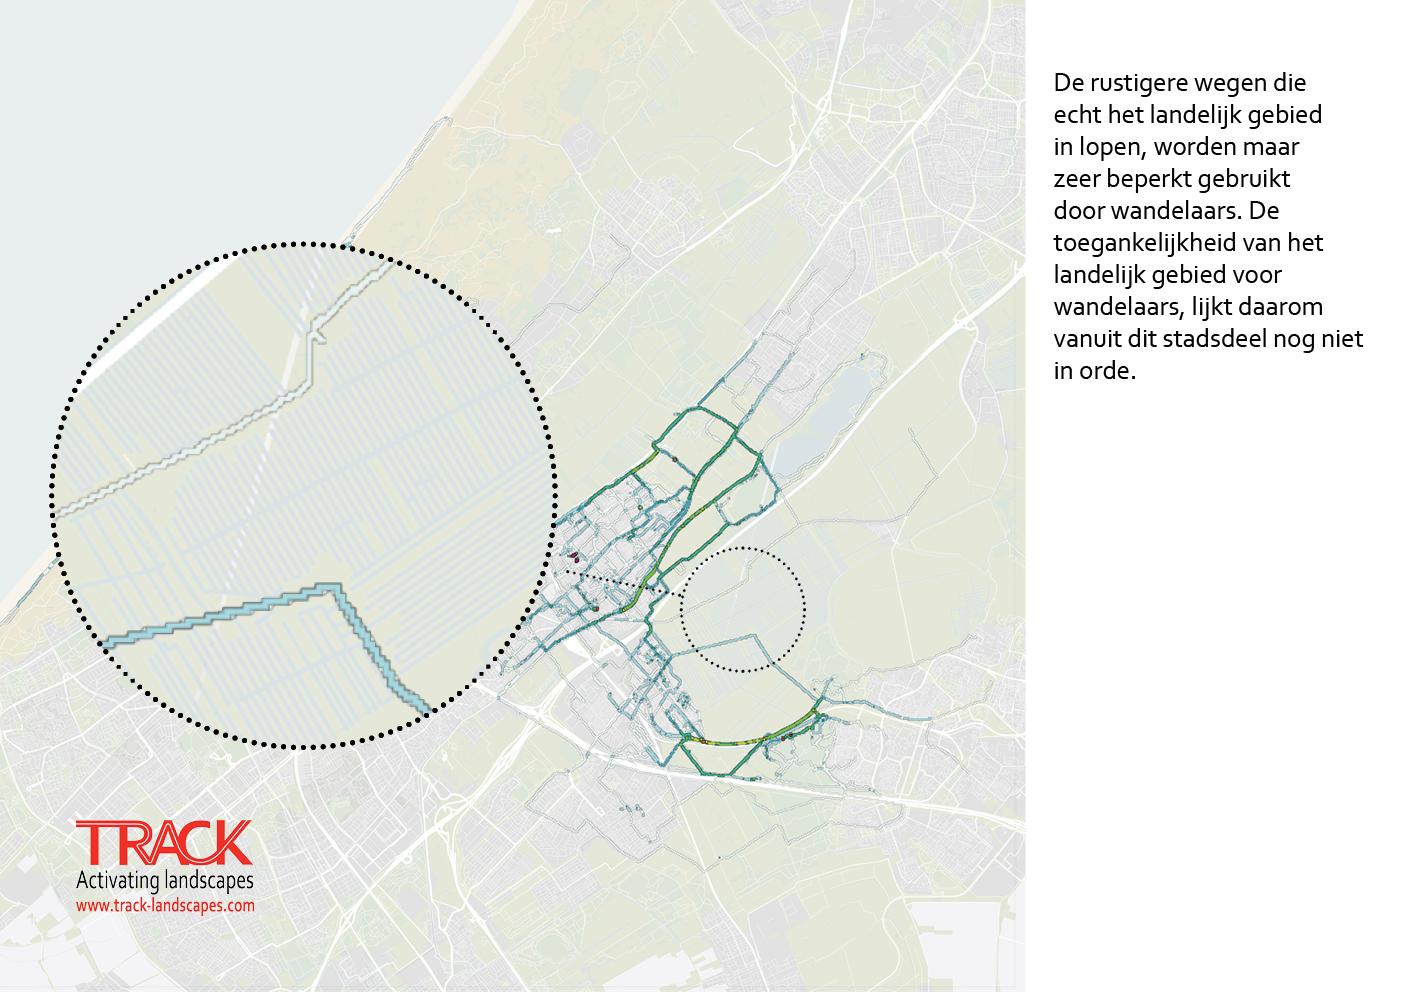 Den Haag_ruimtegebruik wandelaars